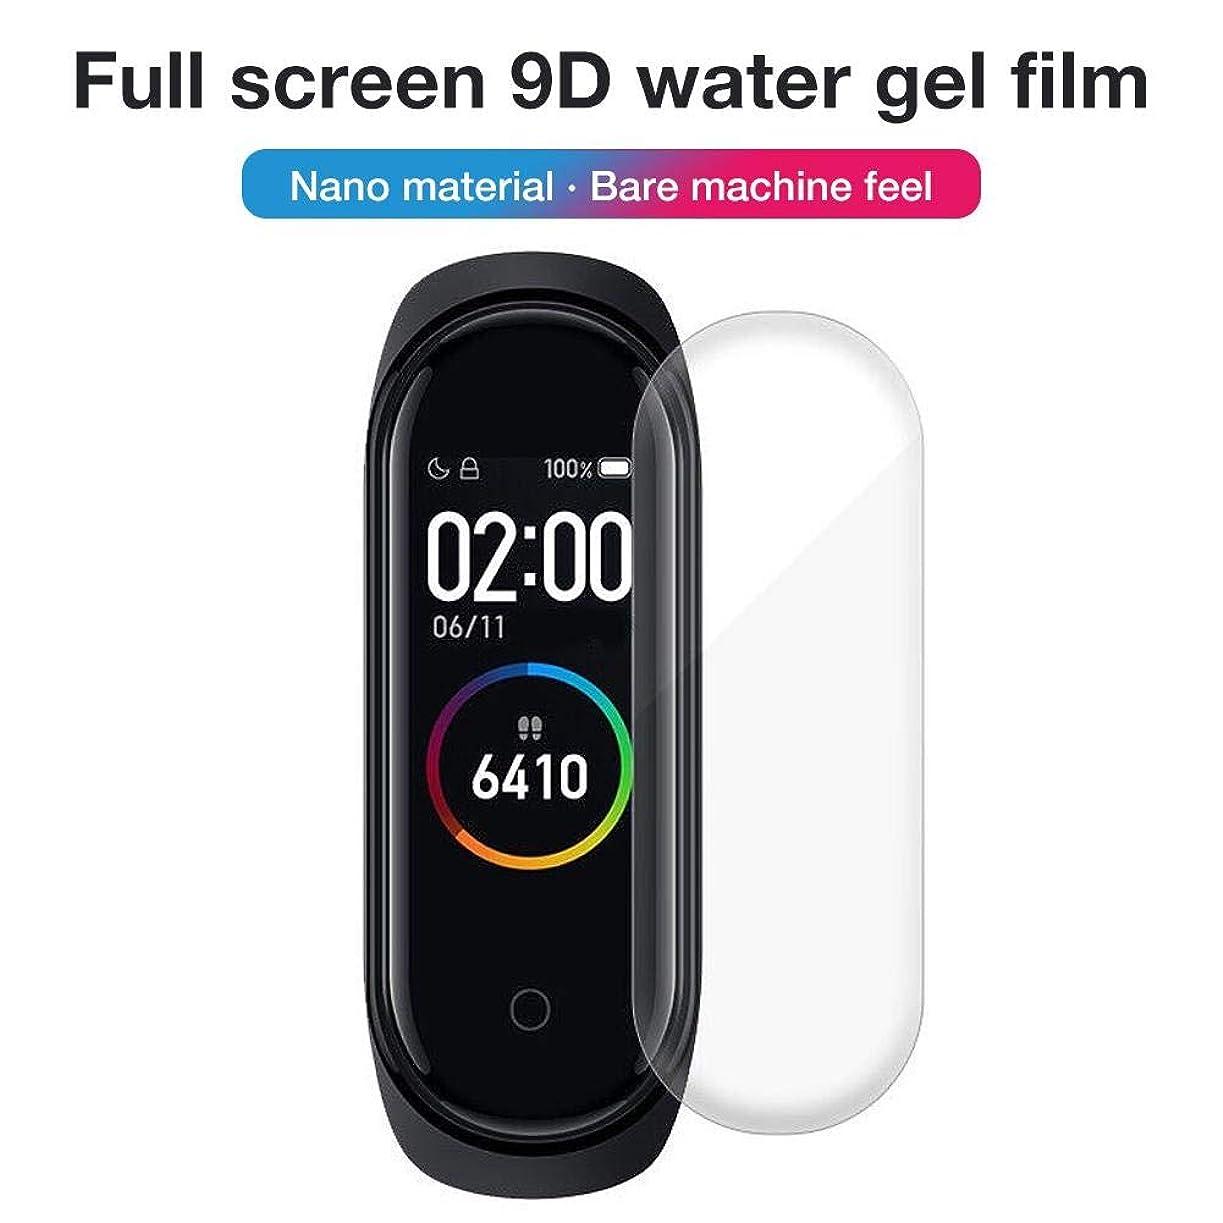 経歴泣いている内側Xiaomi Mi Band 4 に適用 フィルム高透過率 超薄 耐衝撃 手触り良い HD画面 TPU素材 液晶保護フィルム M4ヒドロゲル硬化保護フィルム